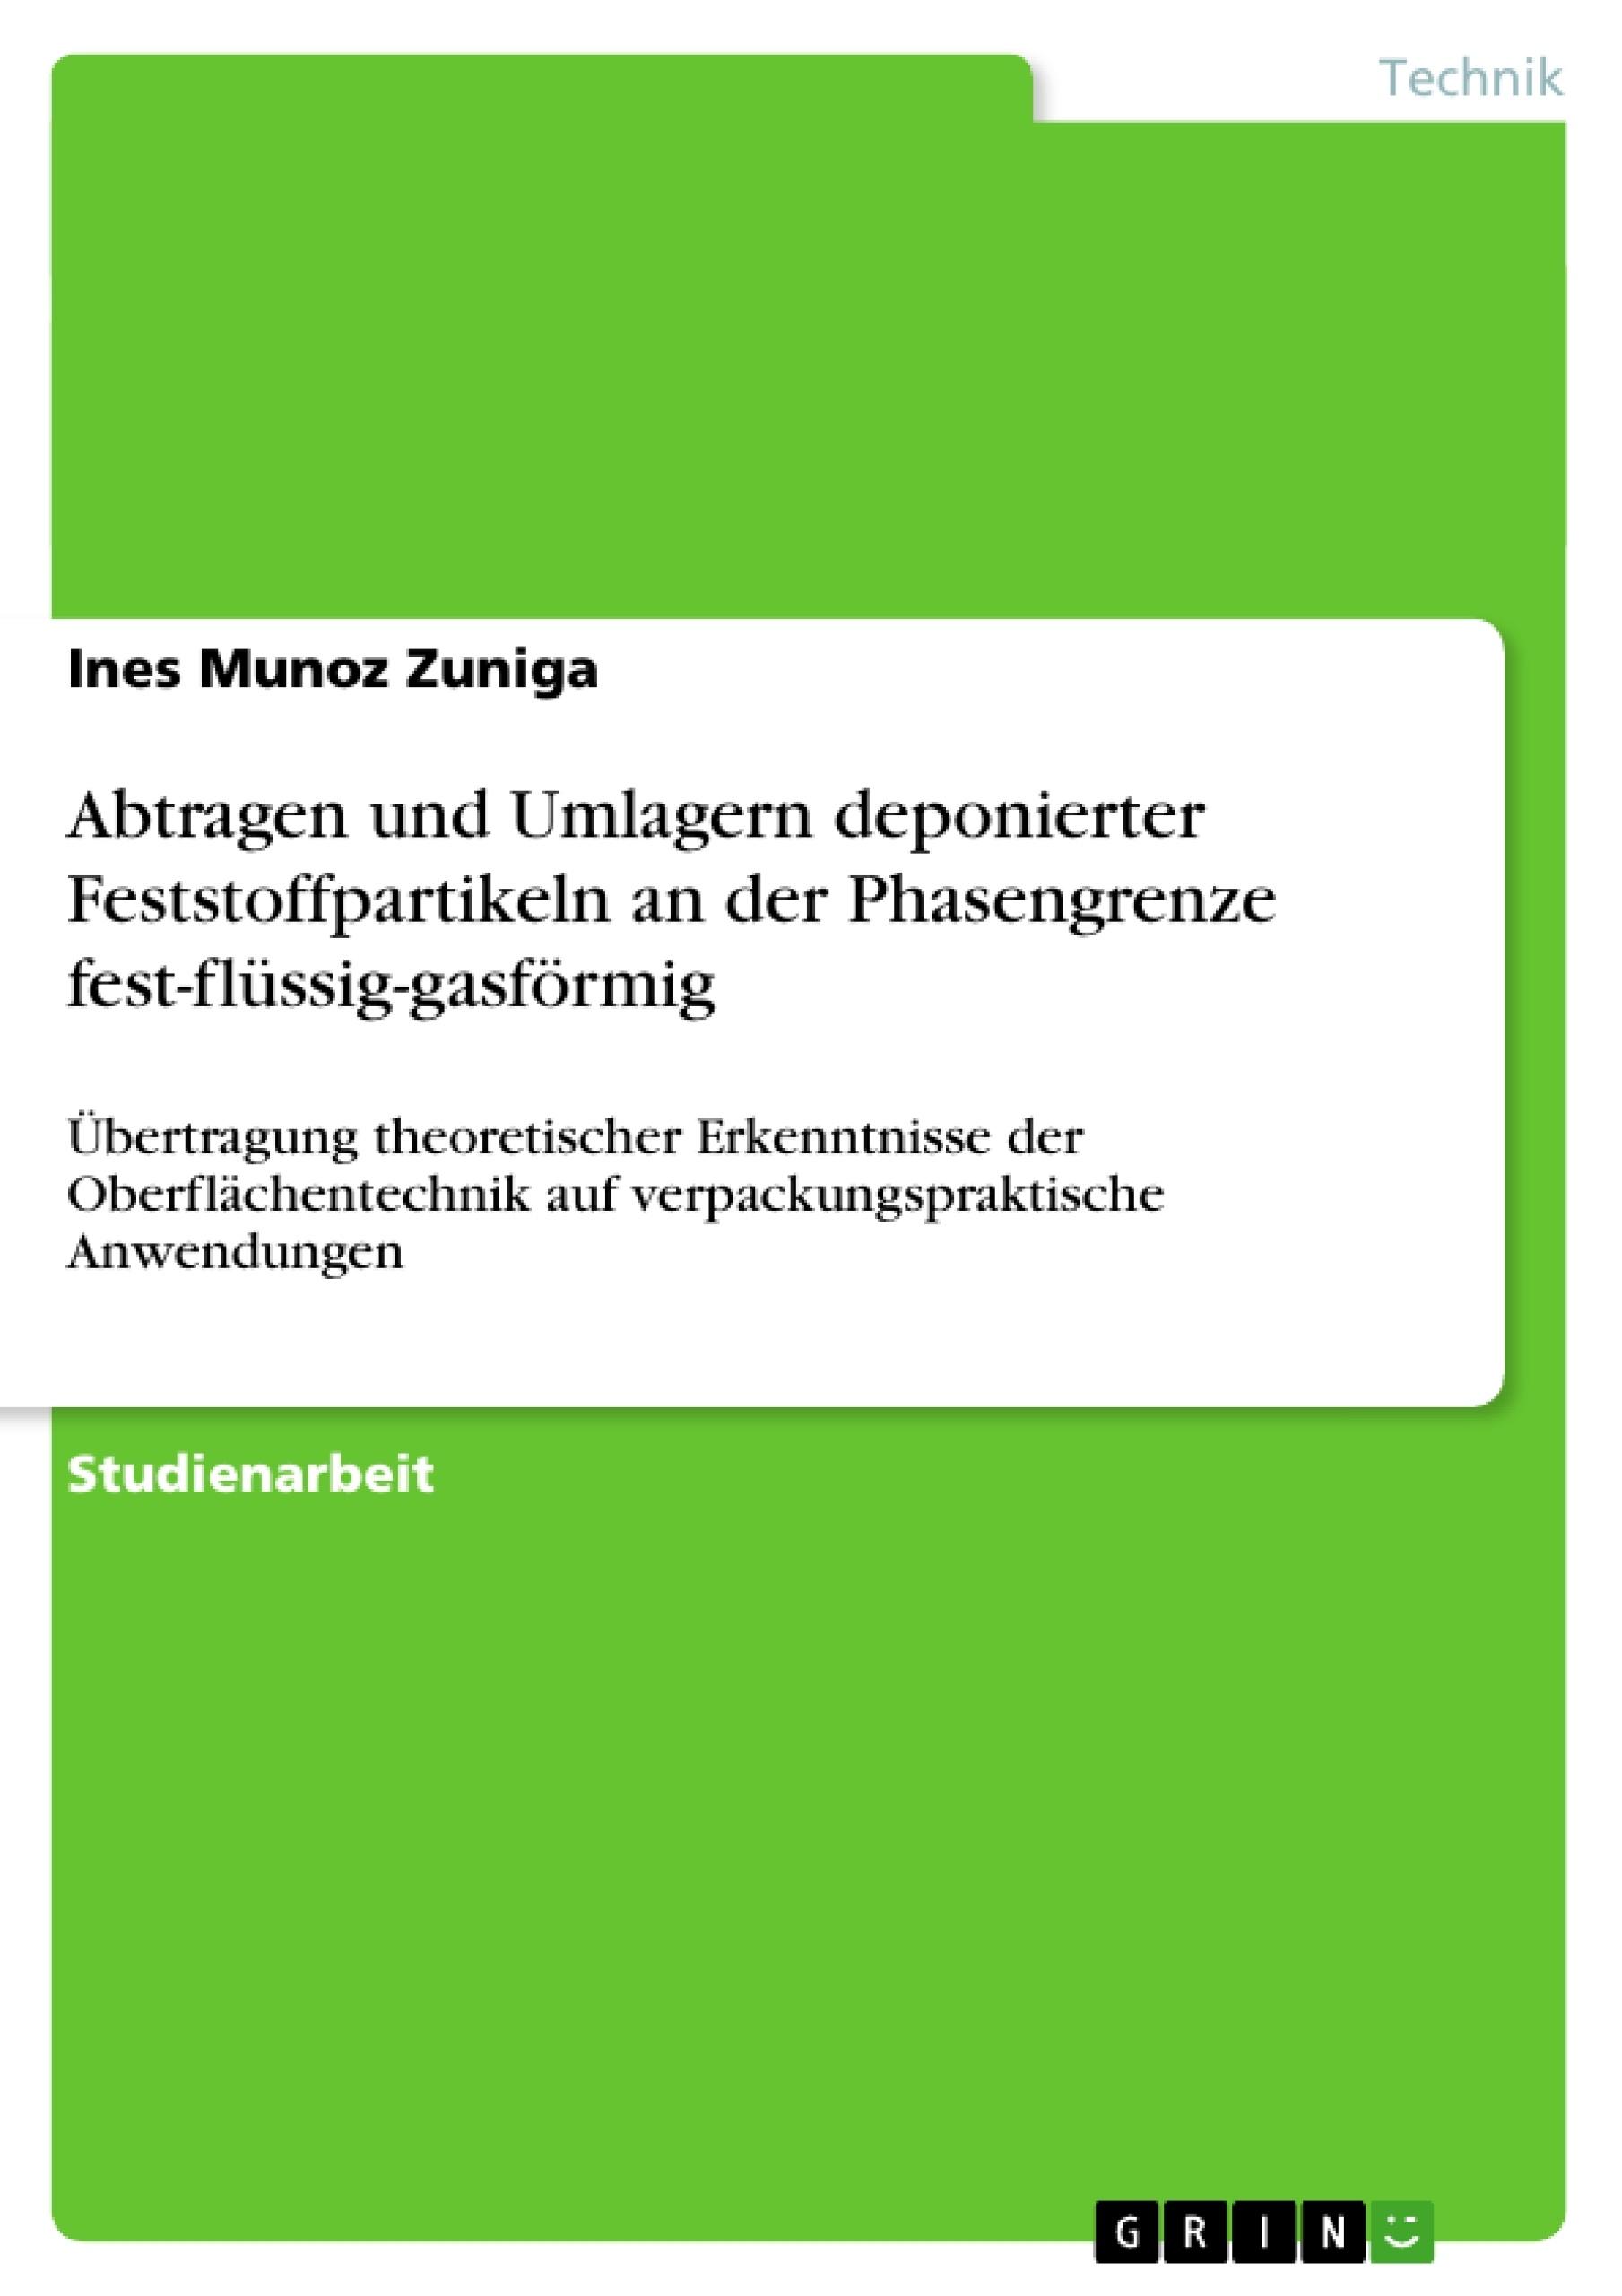 Titel: Abtragen und Umlagern deponierter Feststoffpartikeln an der Phasengrenze fest-flüssig-gasförmig